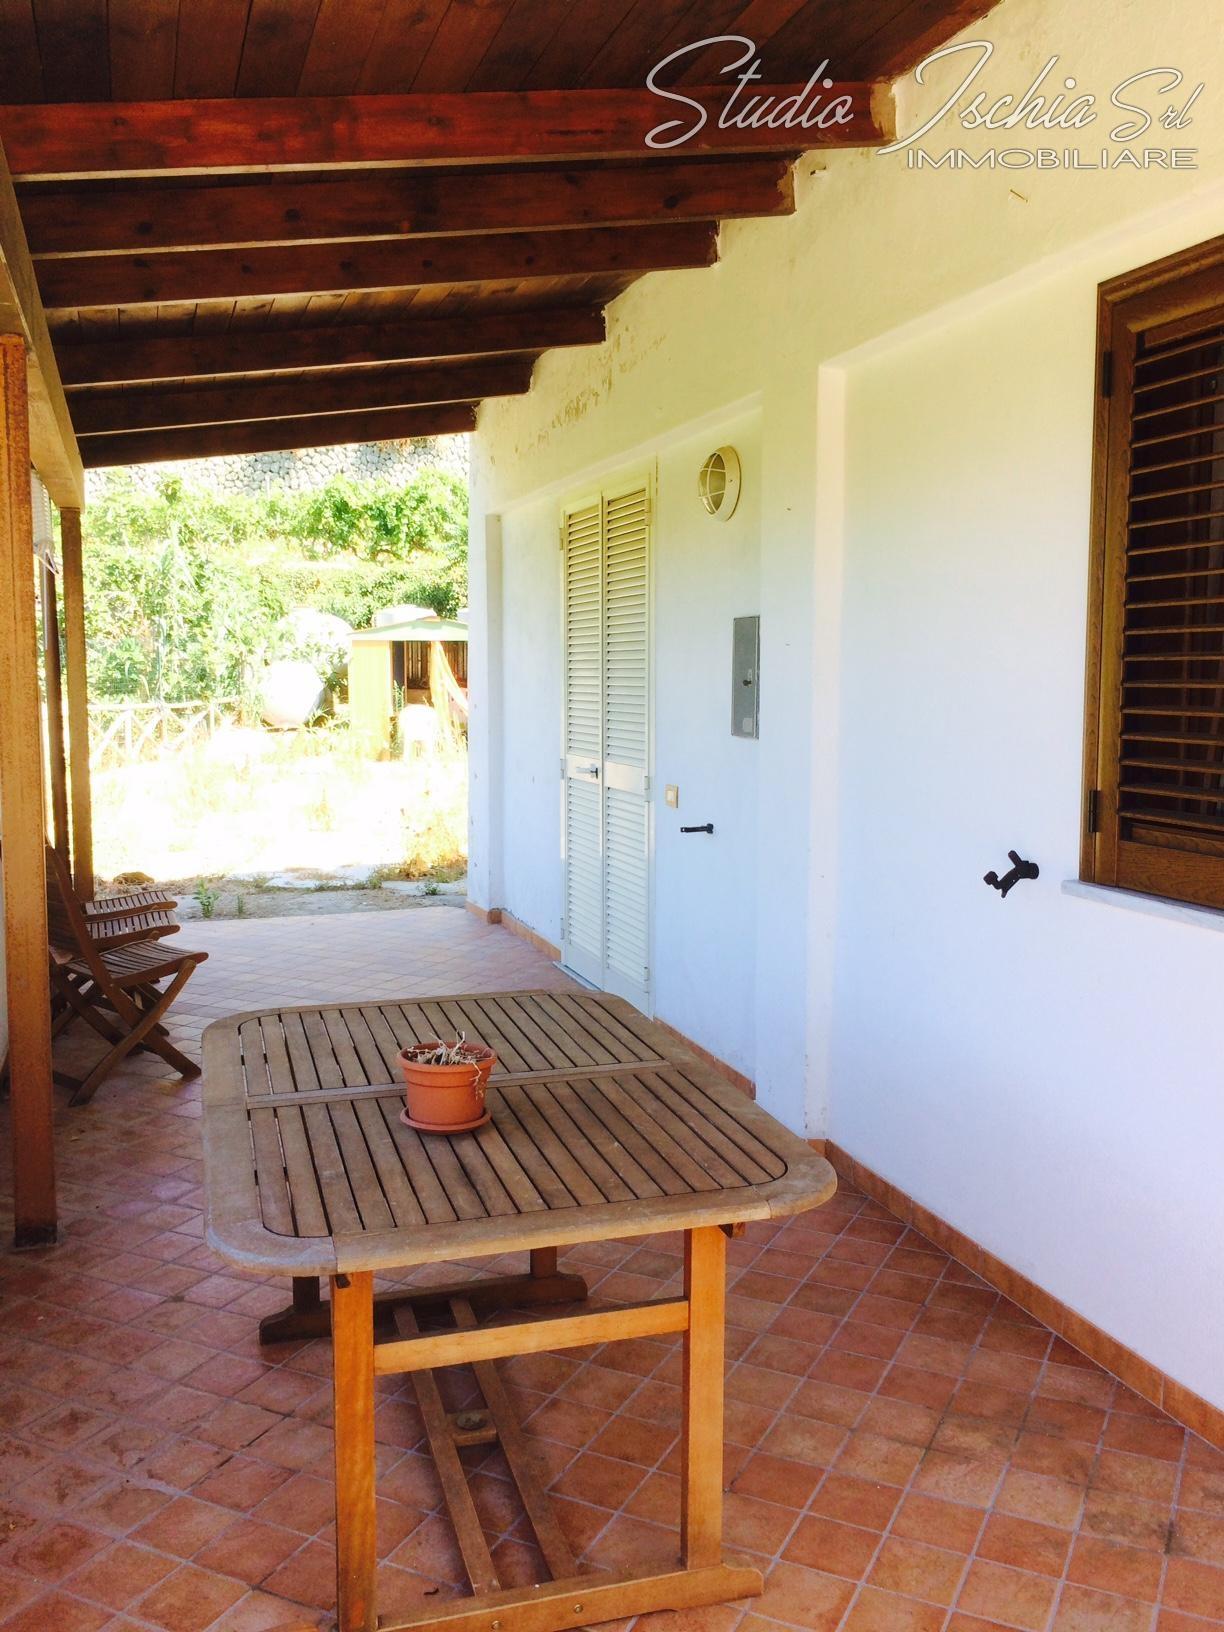 Appartamento in vendita a Forio, 4 locali, zona Località: Cuotto, prezzo € 350.000 | CambioCasa.it